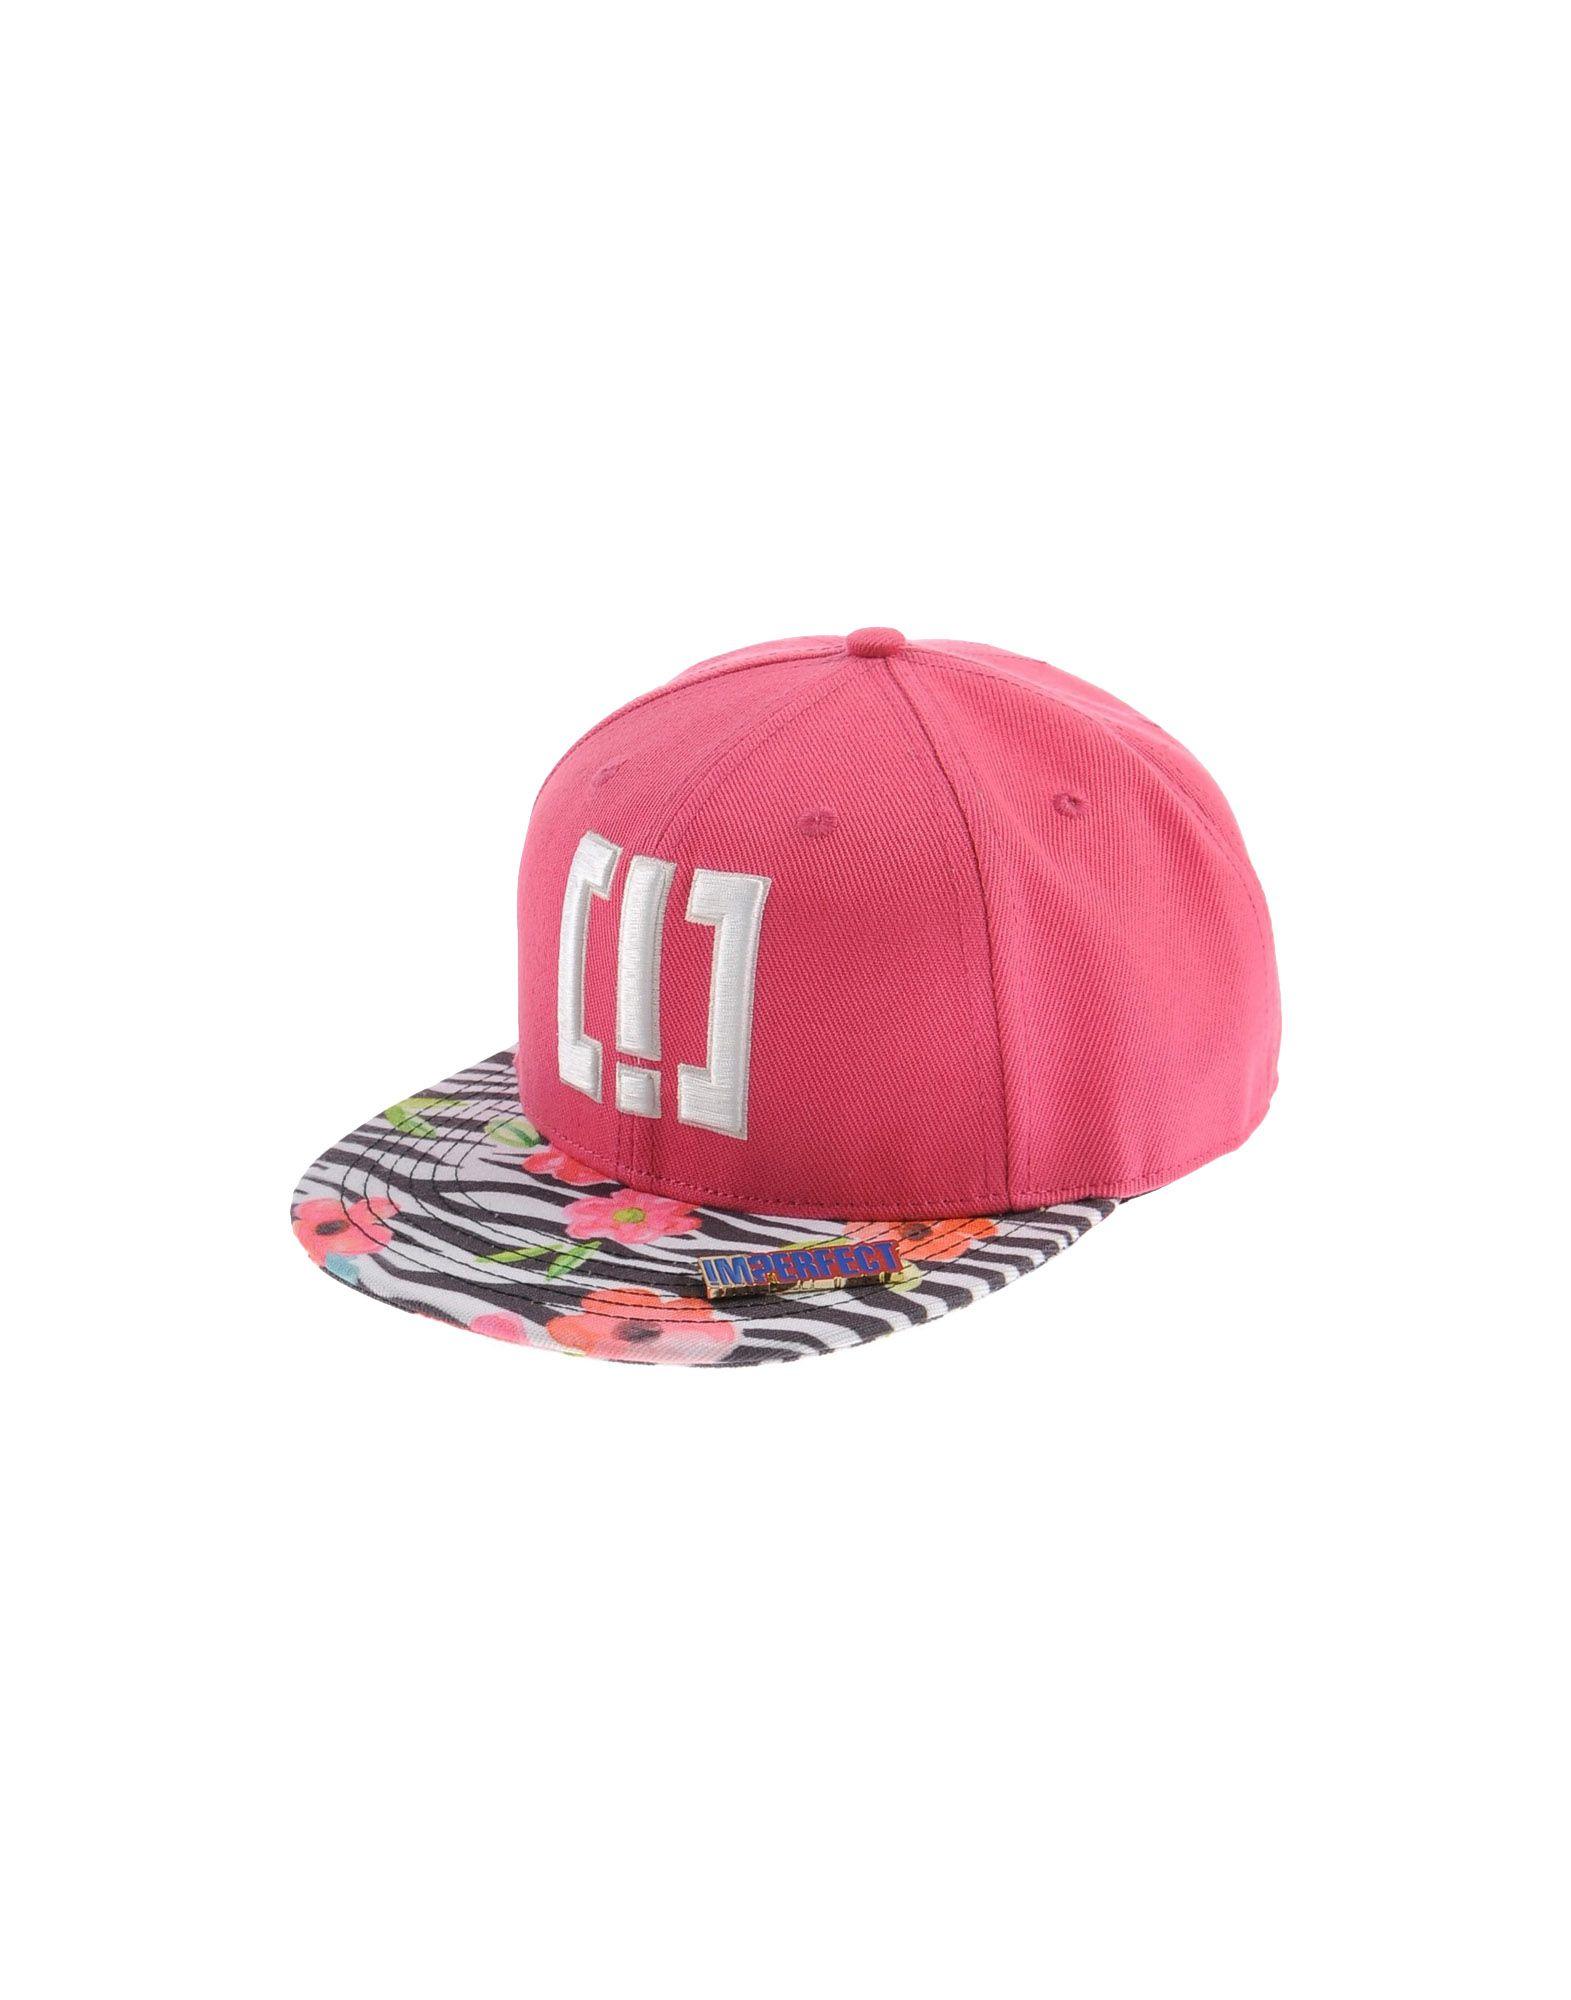 !M?ERFECT Hats